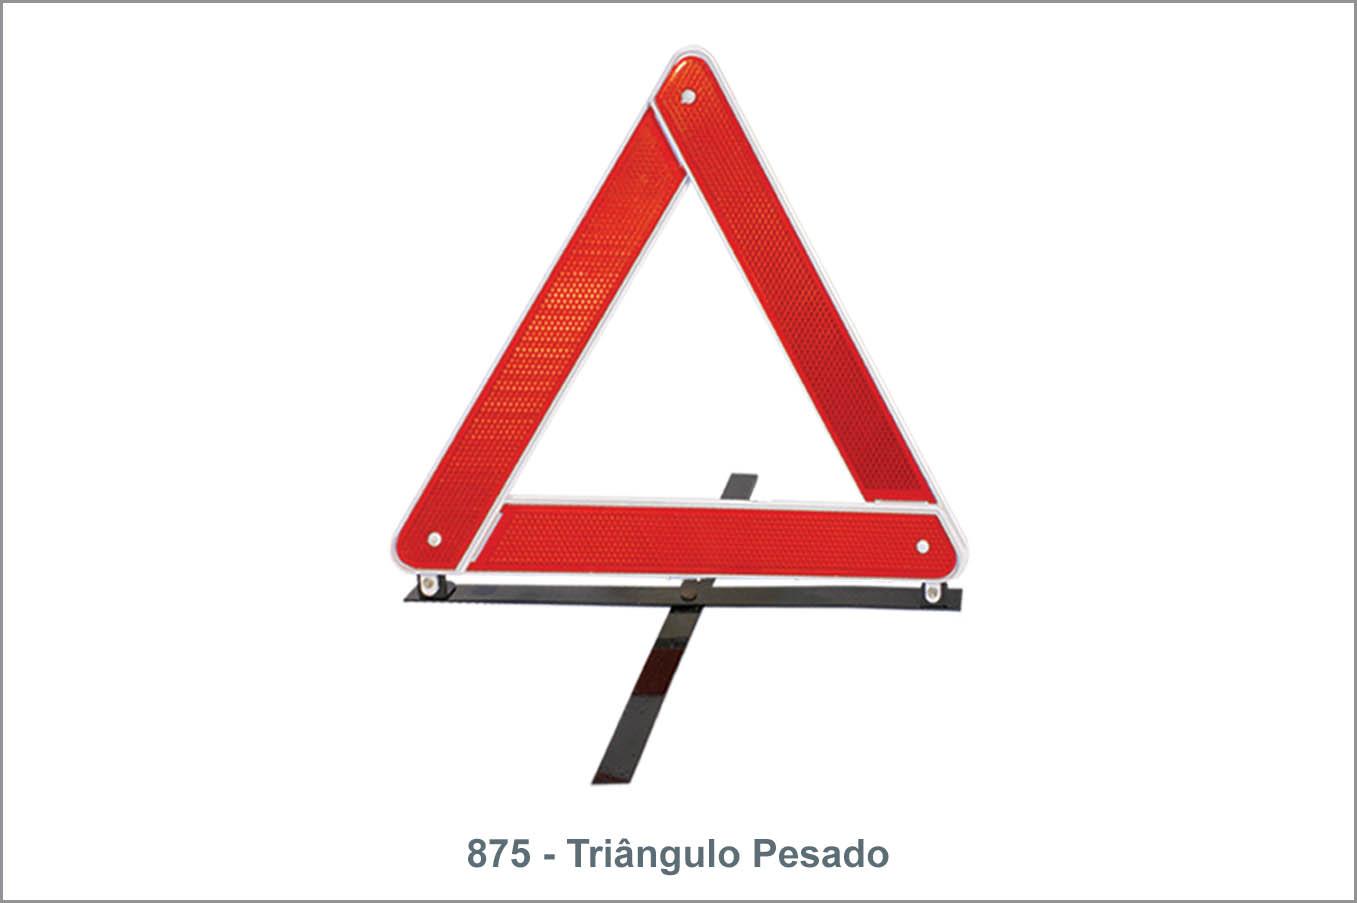 875 Triângulo Pesado